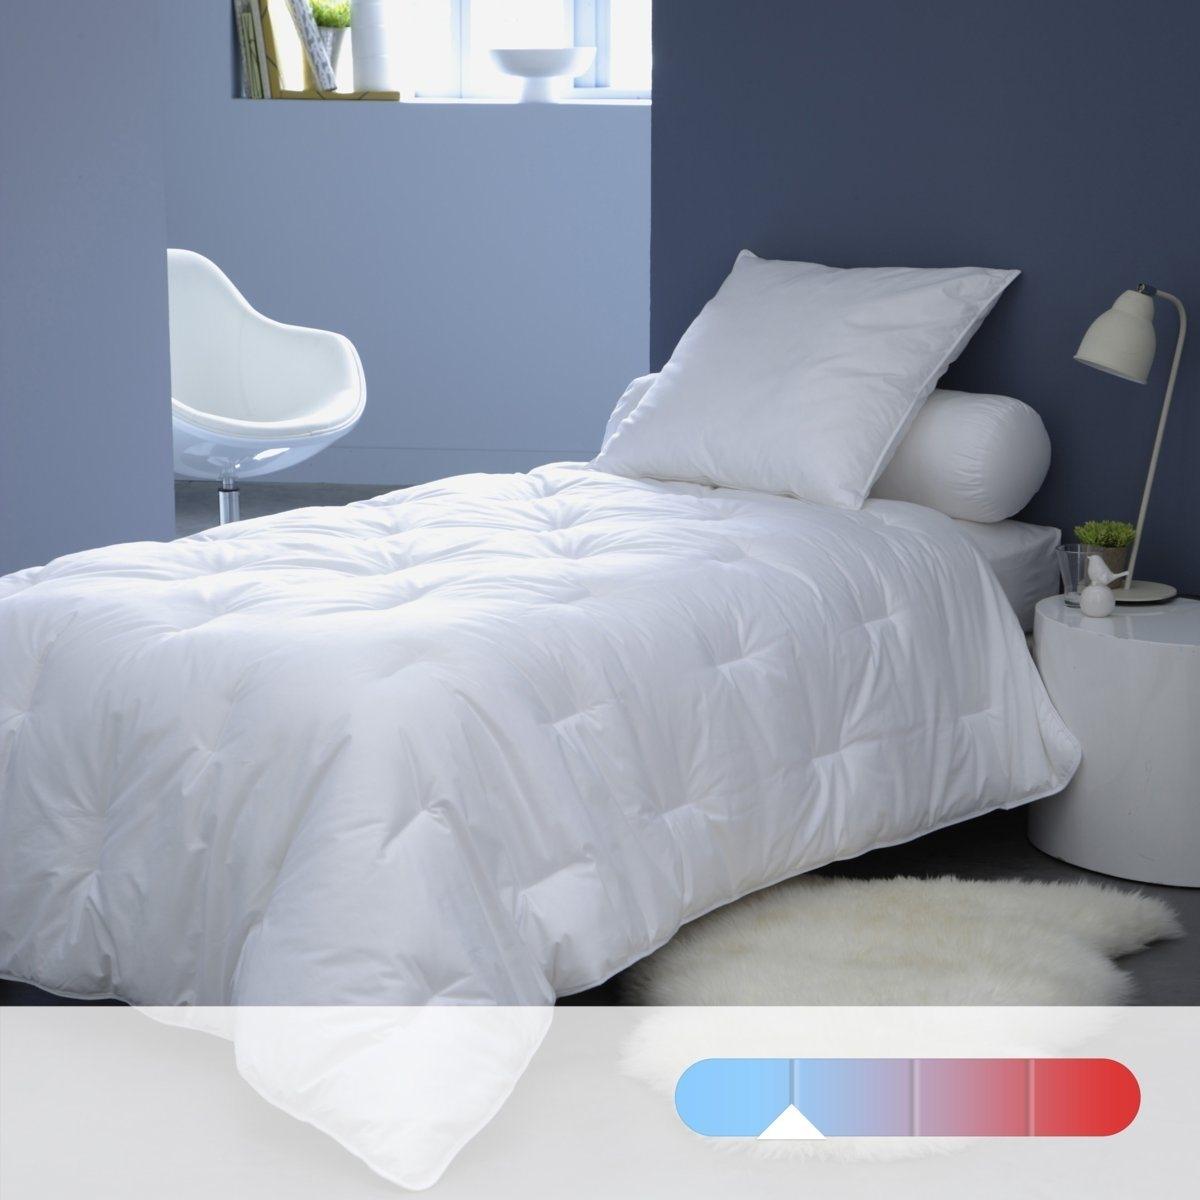 Синтетическое одеяло LESTRA, 175 г/м?Регулируемое тепло и легкость одеяла QUALLOFIL-AIR с обработкой Allerban против бактерий, клещей и грибка гарантирует вам спокойный сон на всю ночь. Качество наполнителя VALEUR S?RE: эксклюзивный состав из полых силиконизированных волокон, ультрапышных и суперлегких, из 100% полиэстера, обеспечивают циркуляцию воздуха и выводят влагу. Чехол из 100% хлопка. Отделка кантом из хлопка. Простежка пунктиром. Стирка при 40°, возможна машинная сушка при умеренной температуре. Идеально при температуре воздуха в комнате  18-22°. Плотность 175 г/м?.<br><br>Цвет: белый